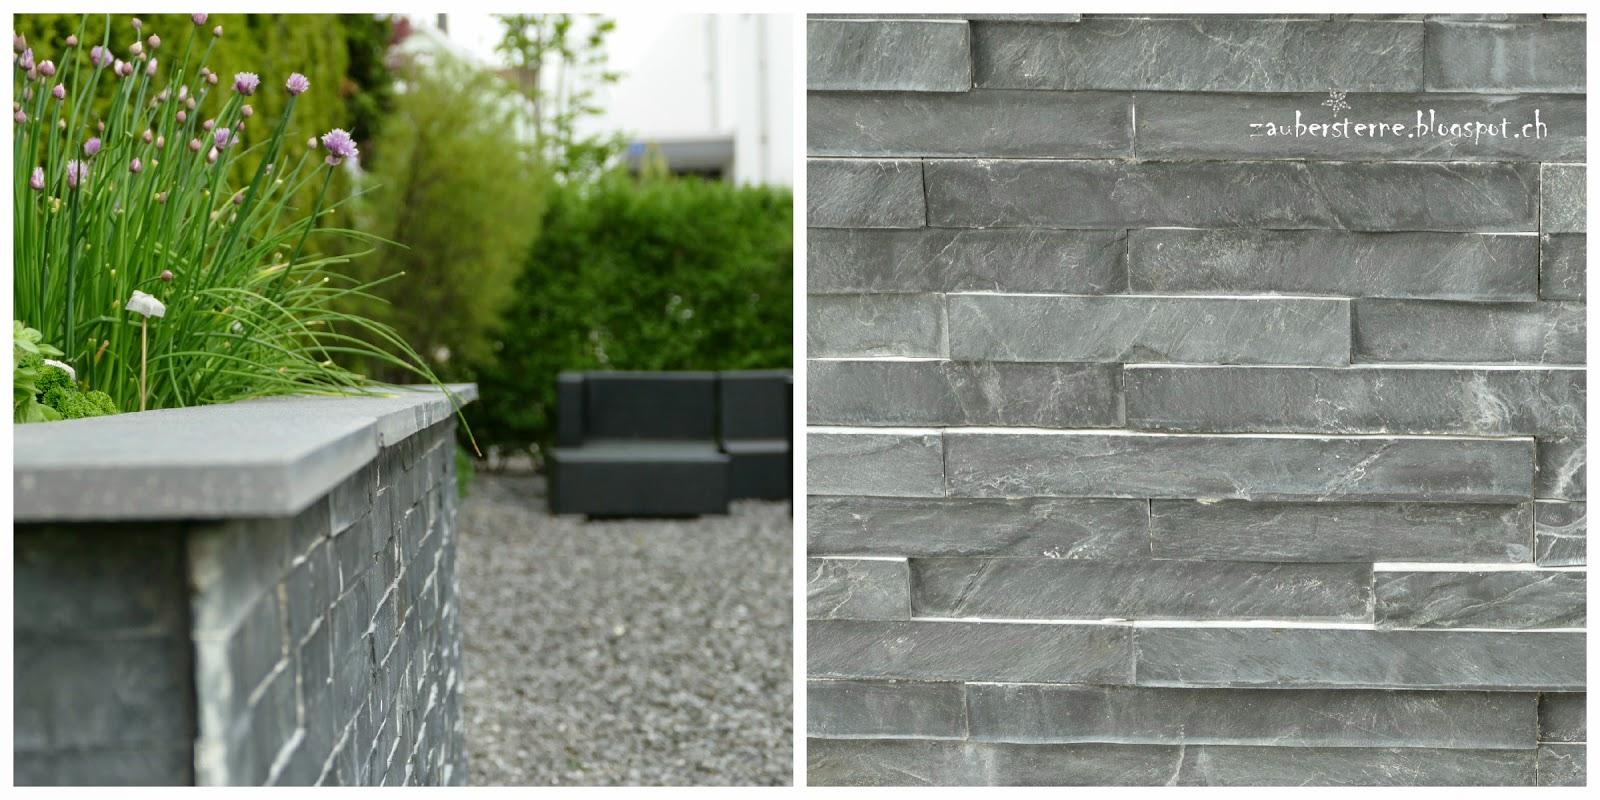 blog schweiz betonsterne im diy hochbeet. Black Bedroom Furniture Sets. Home Design Ideas